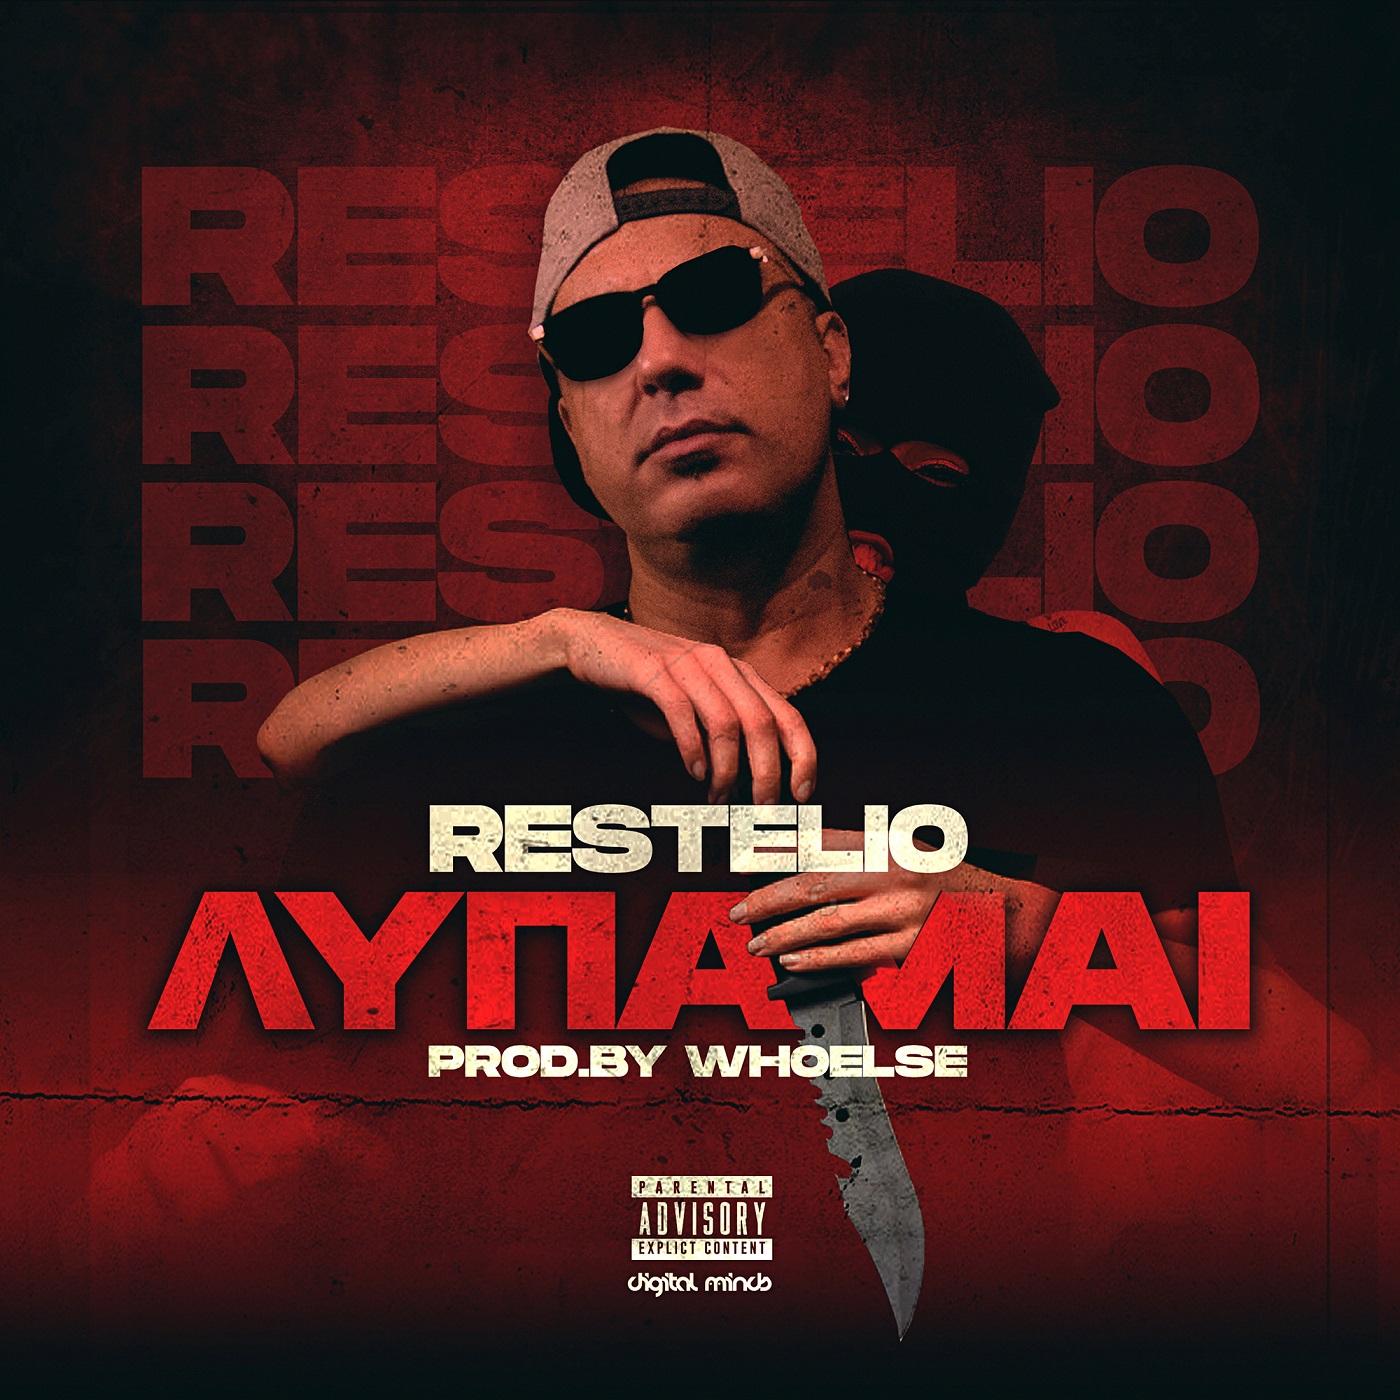 """Ο Ράπερ Restelio Κυκλοφορεί το Νέο του Τραγούδι """"Λυπάμαι"""" !"""